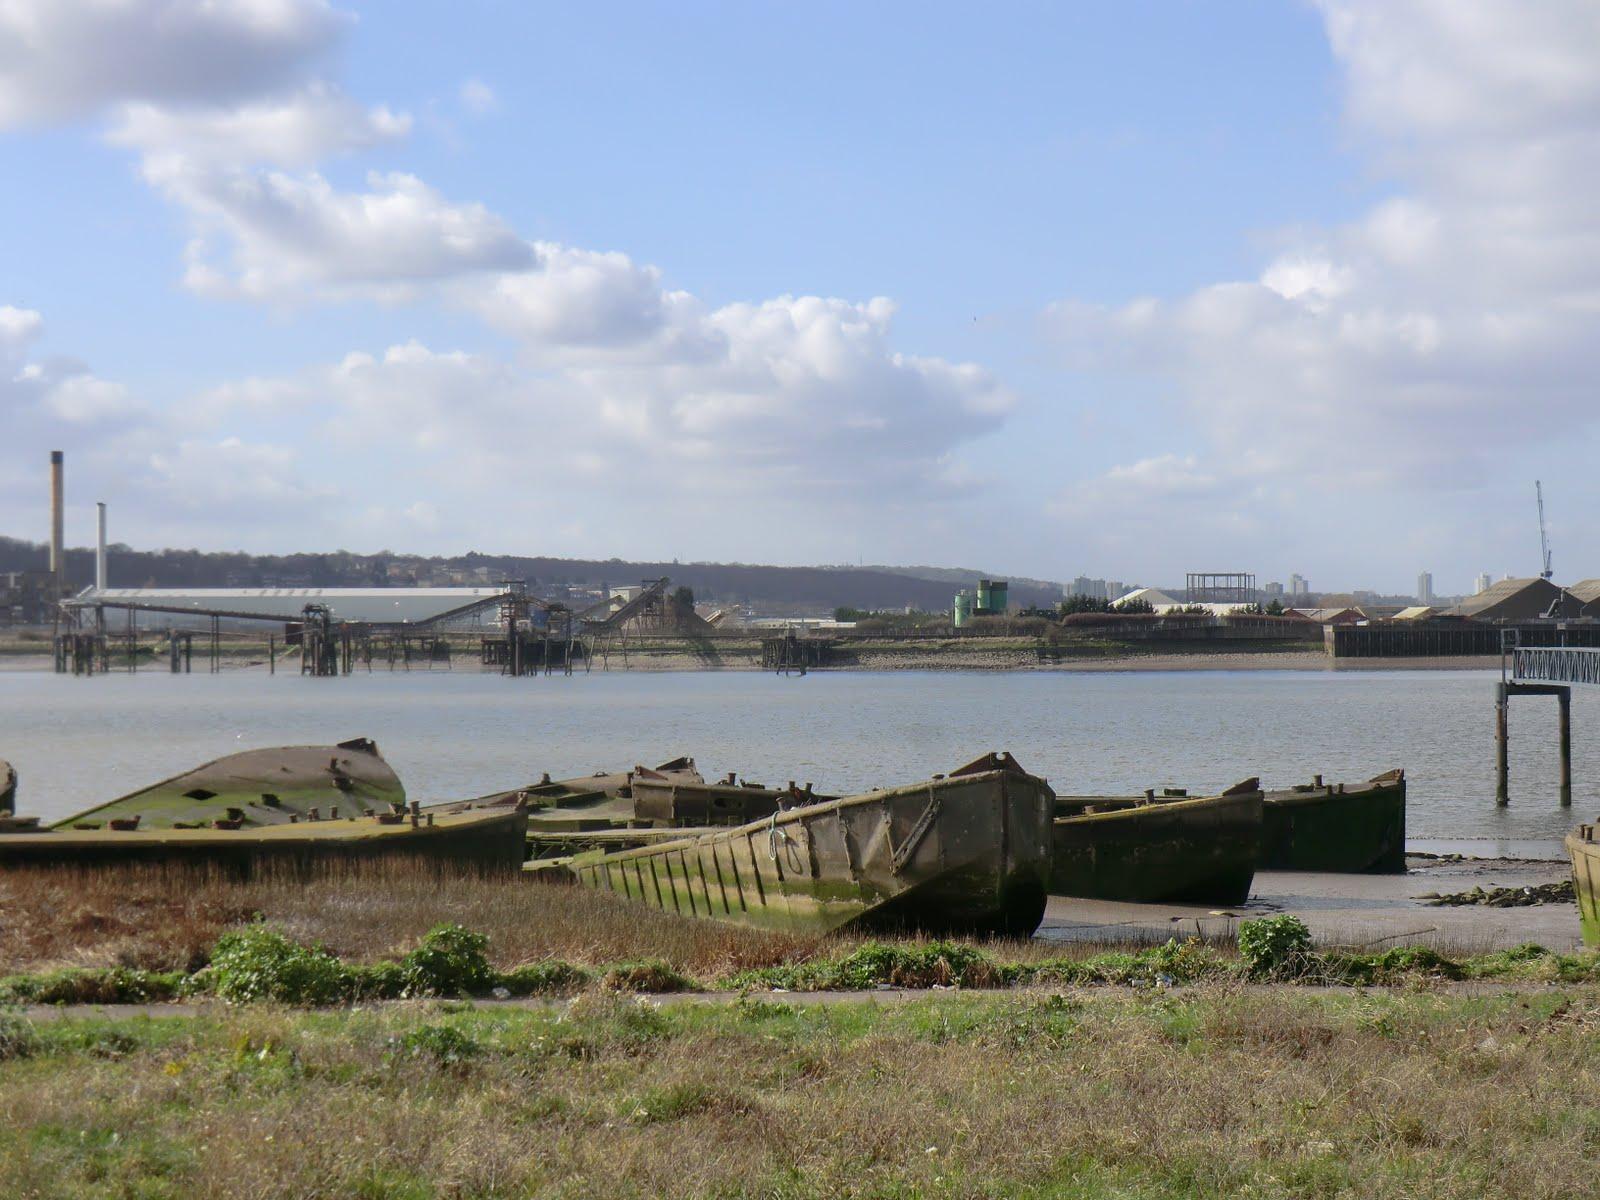 CIMG9943 The Concrete Barges